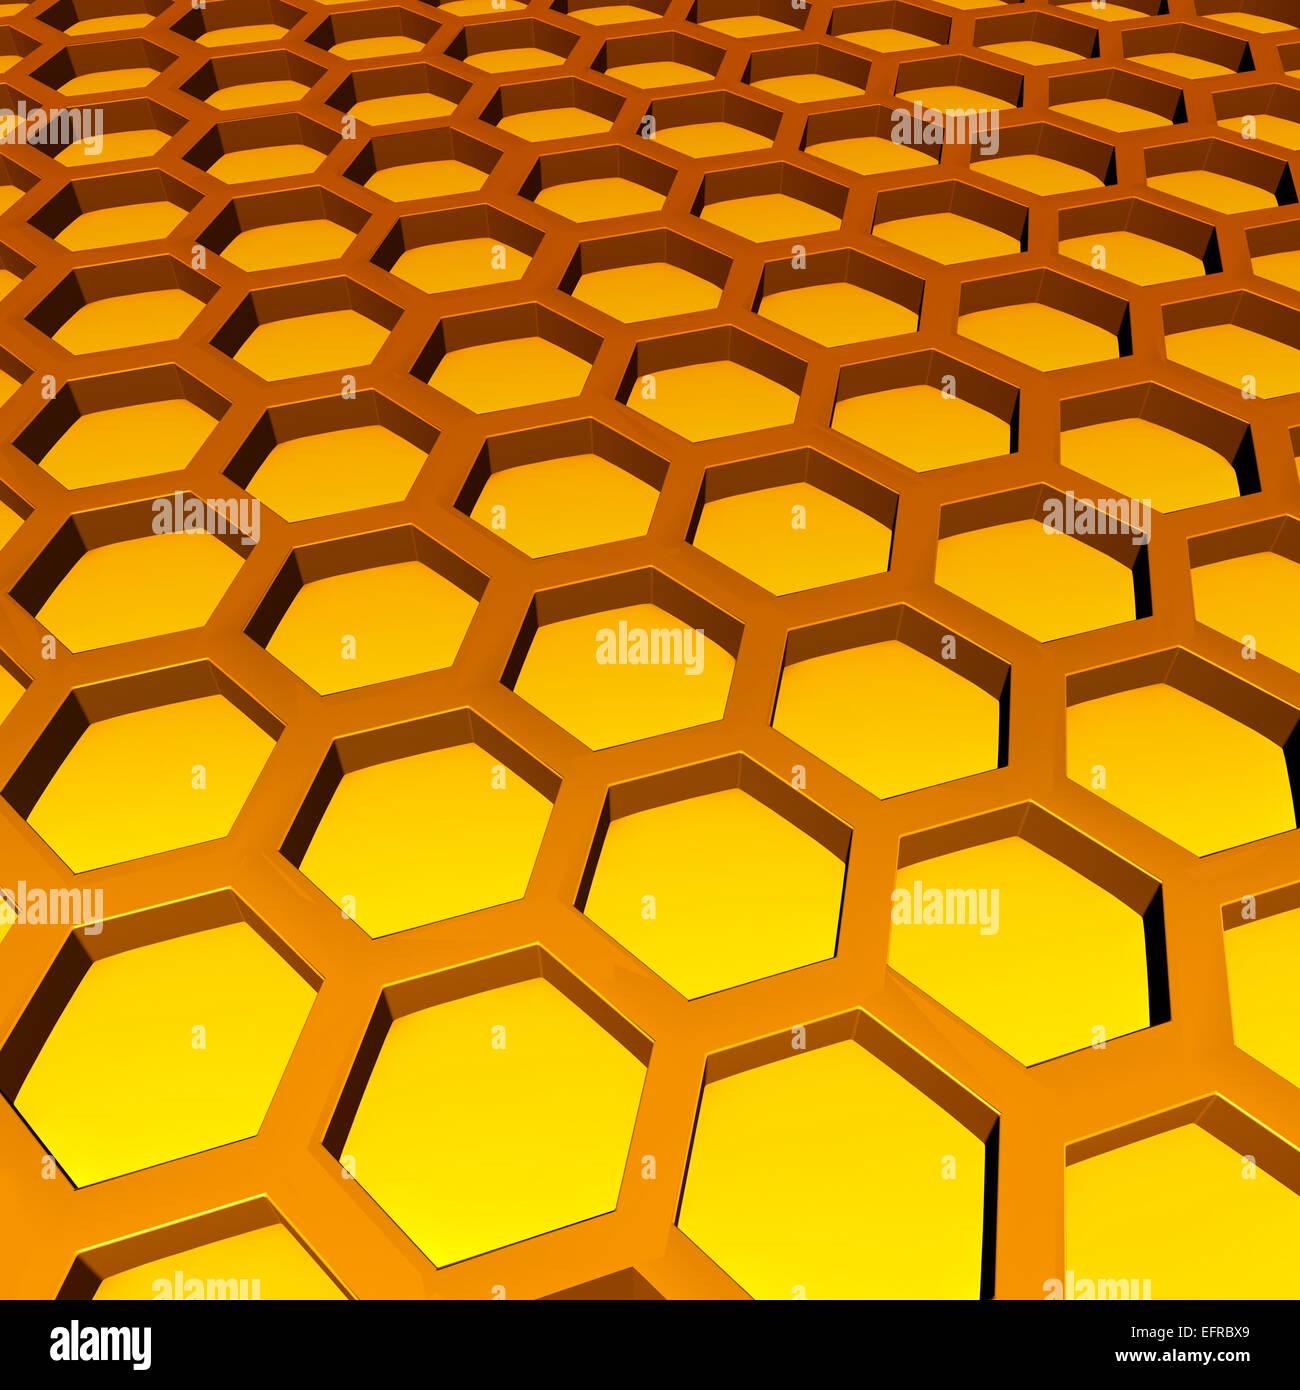 Waben Sie-Muster als drei dimensionale Sechseck Zelle Geometrien mit süßem Honig im Inneren als ein Symbol Stockbild